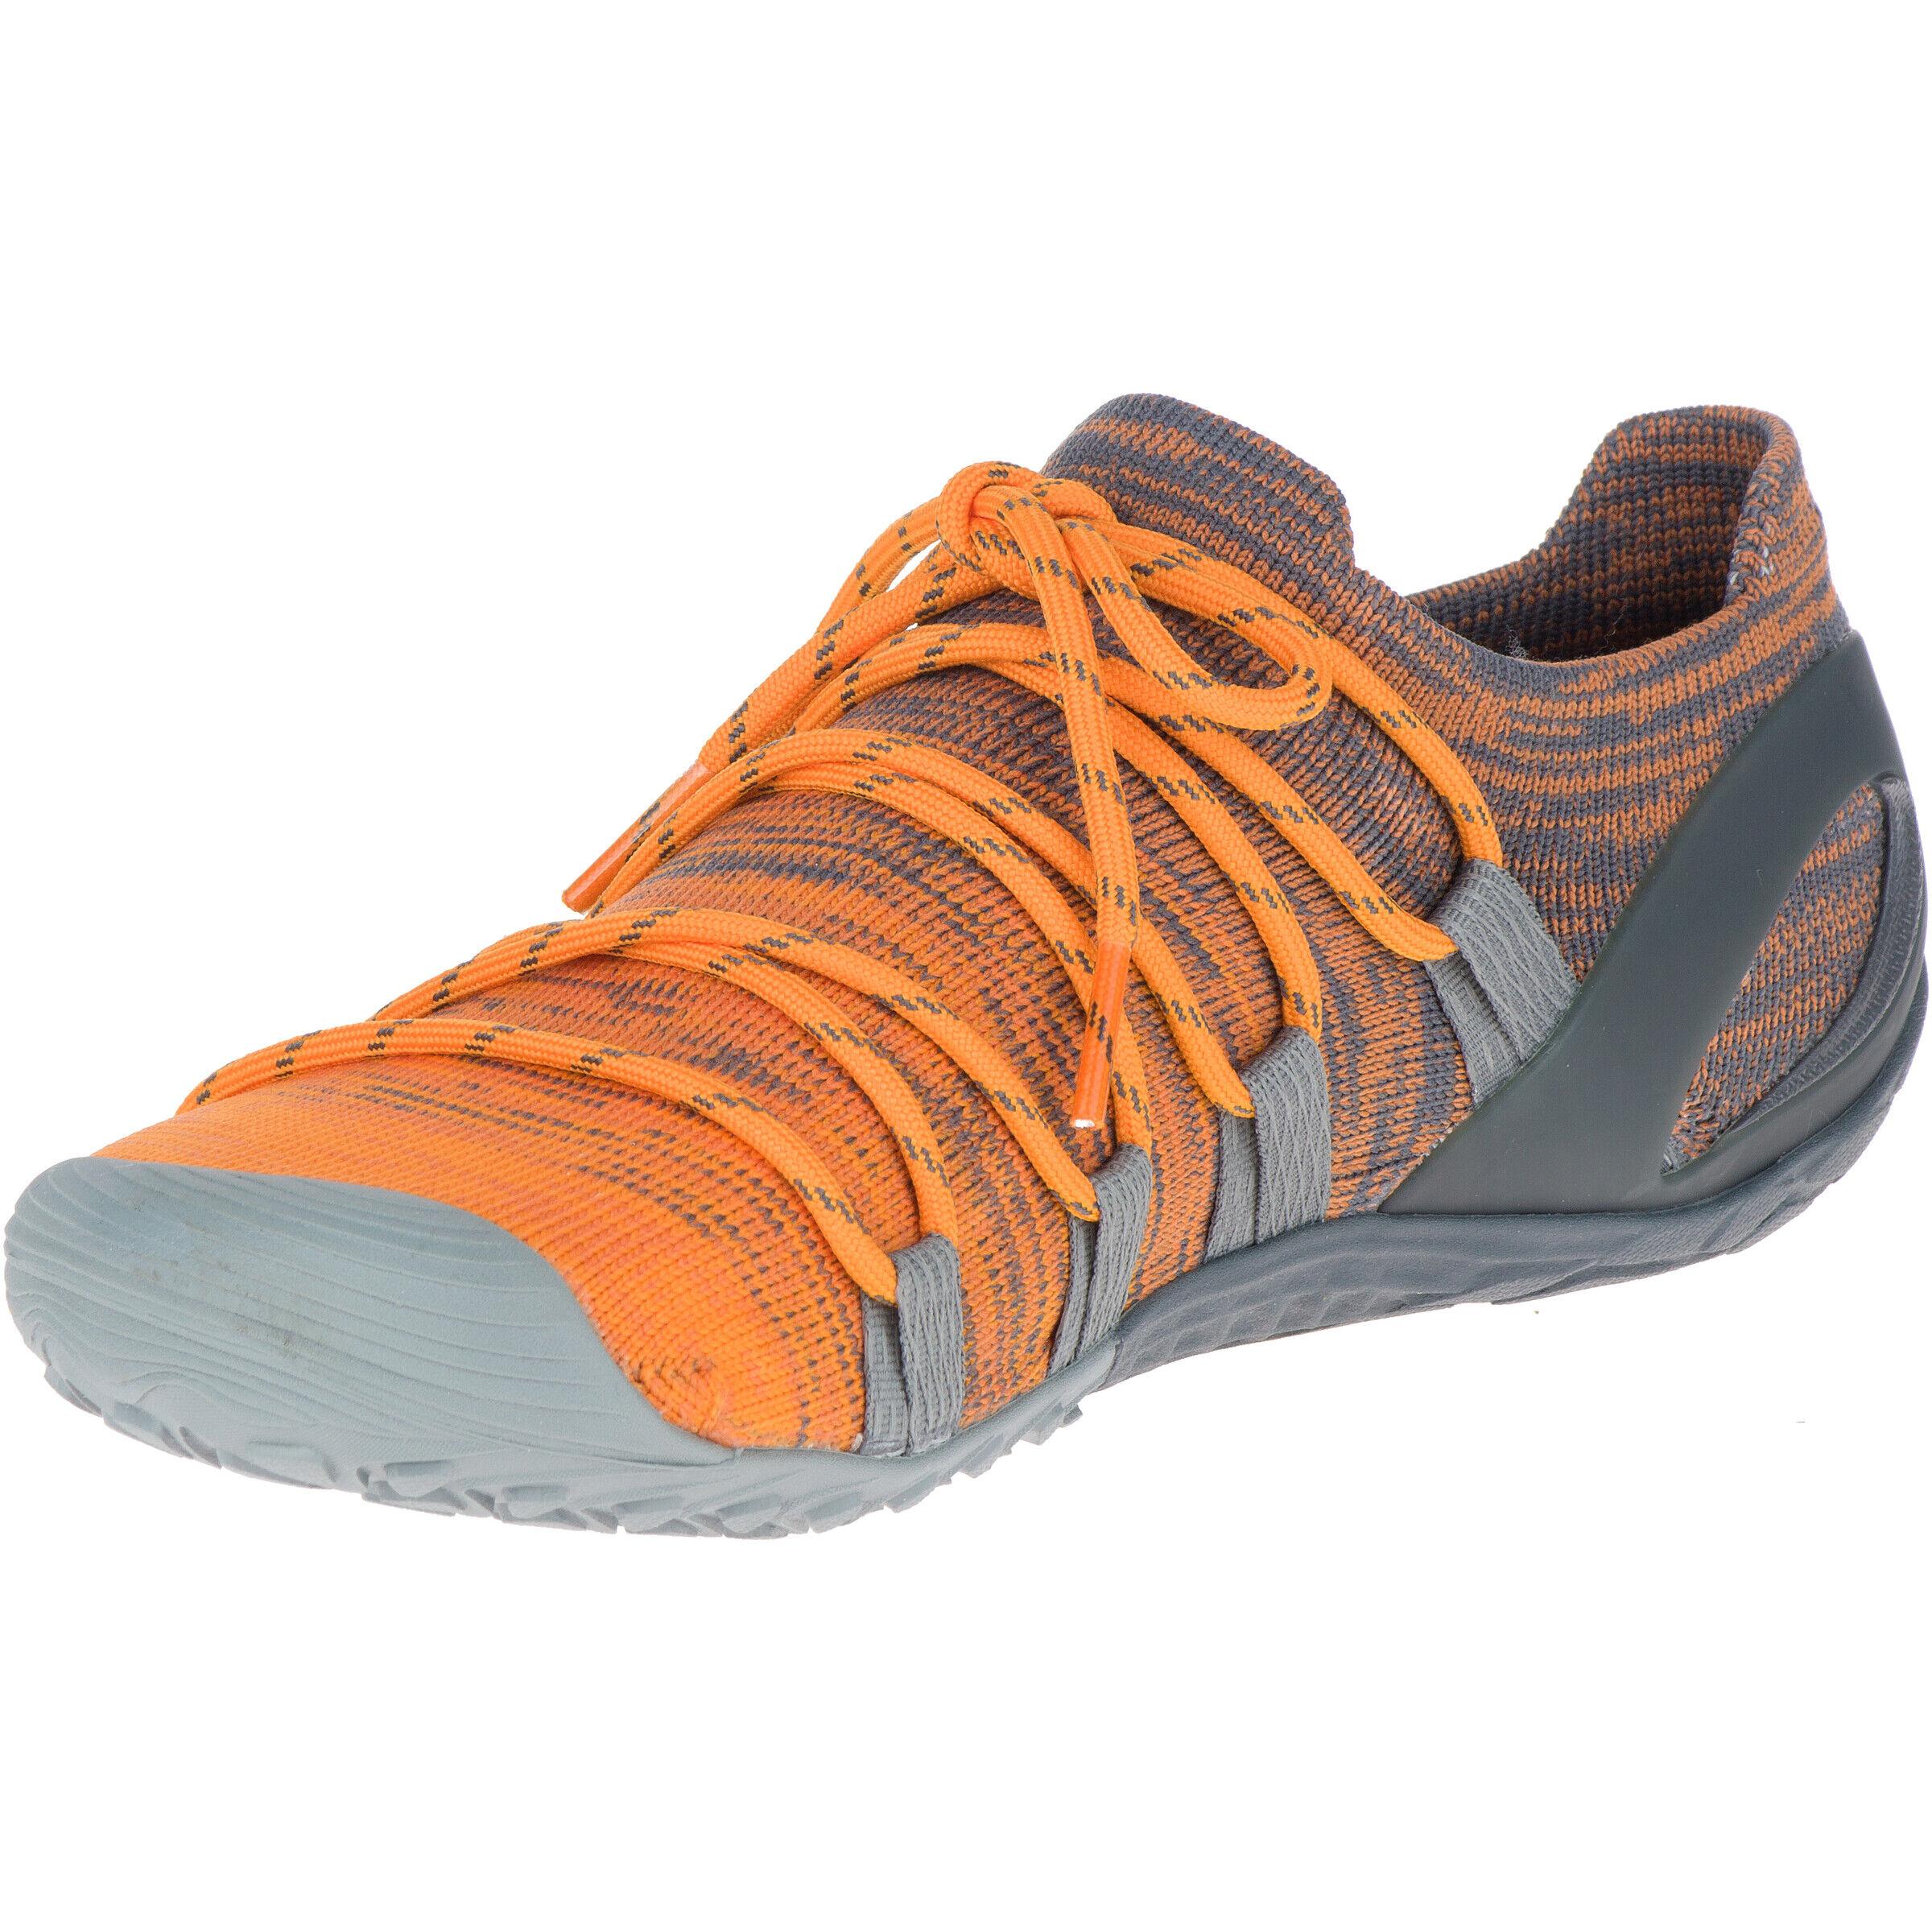 Merrell skor för ett aktivt friluftsliv | Go Nature